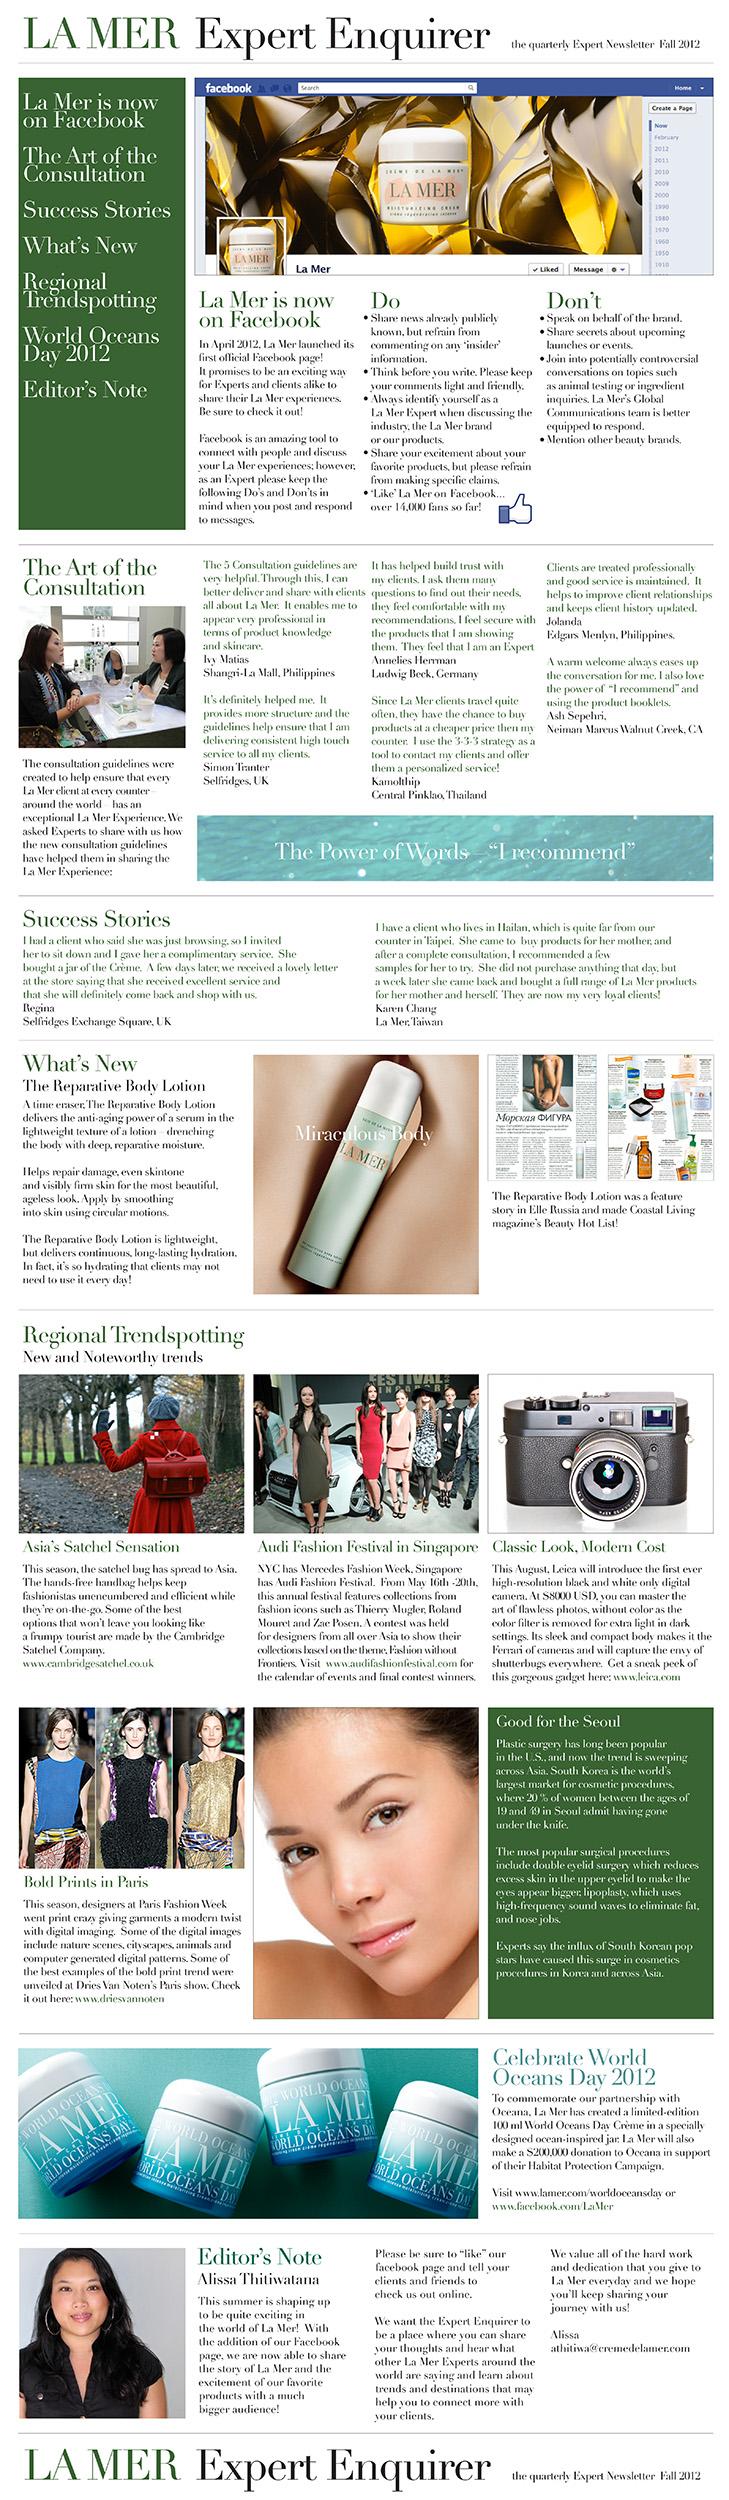 2012expertenquirer.jpg